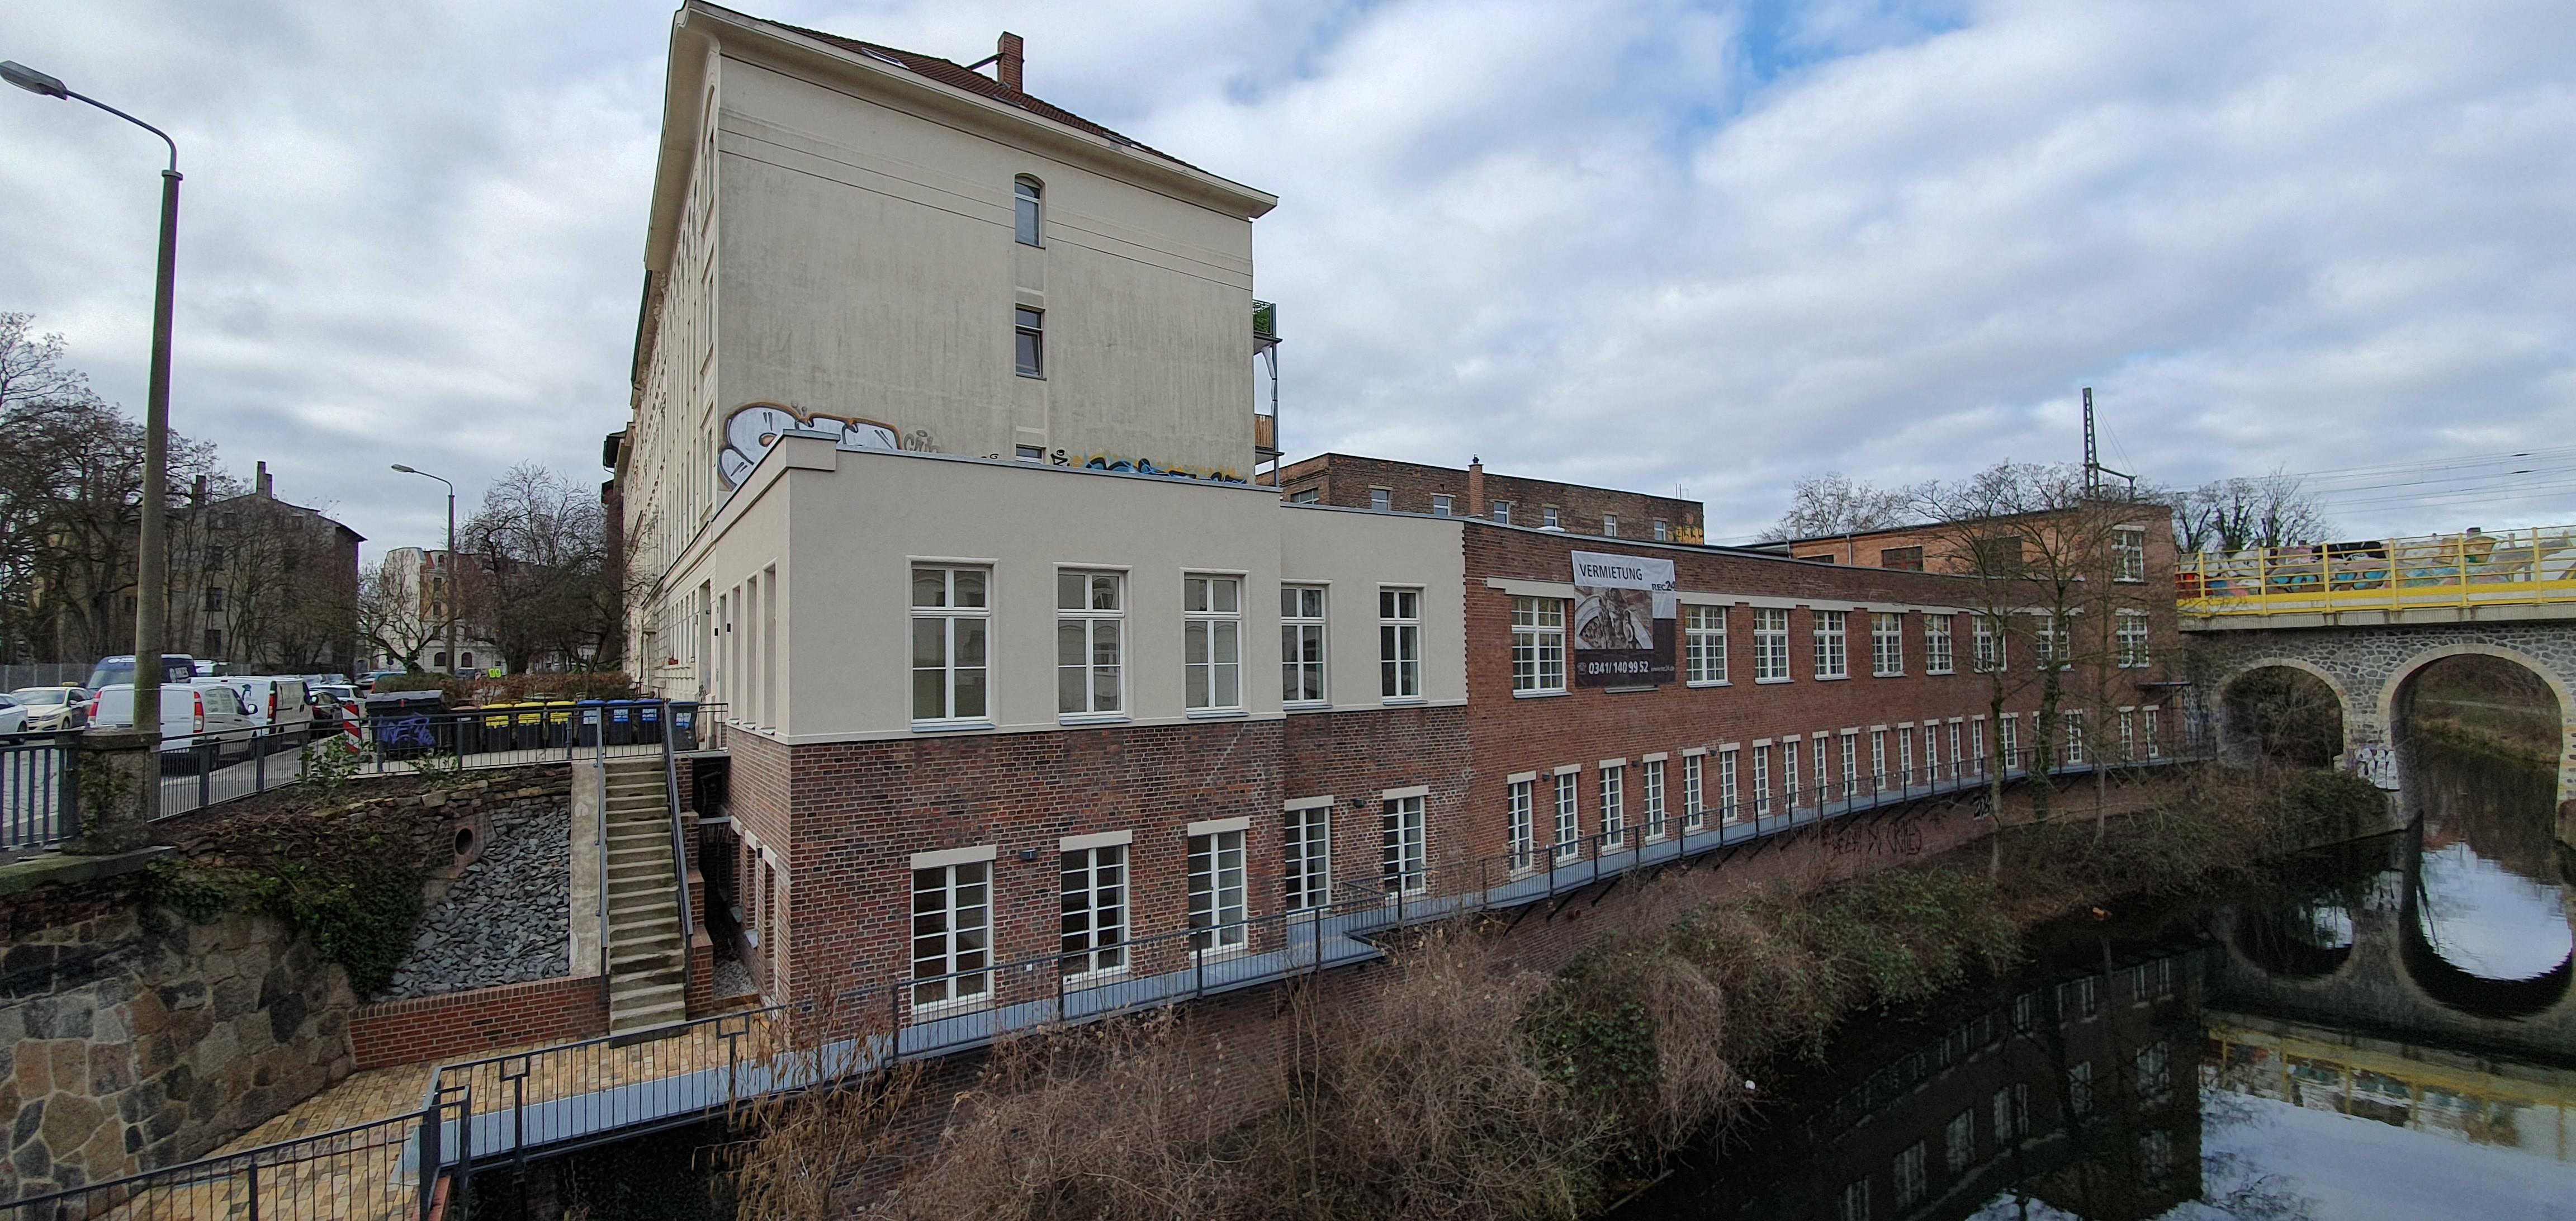 Blick auf das Gebäude Engertstraße 6a vom Wasser aus